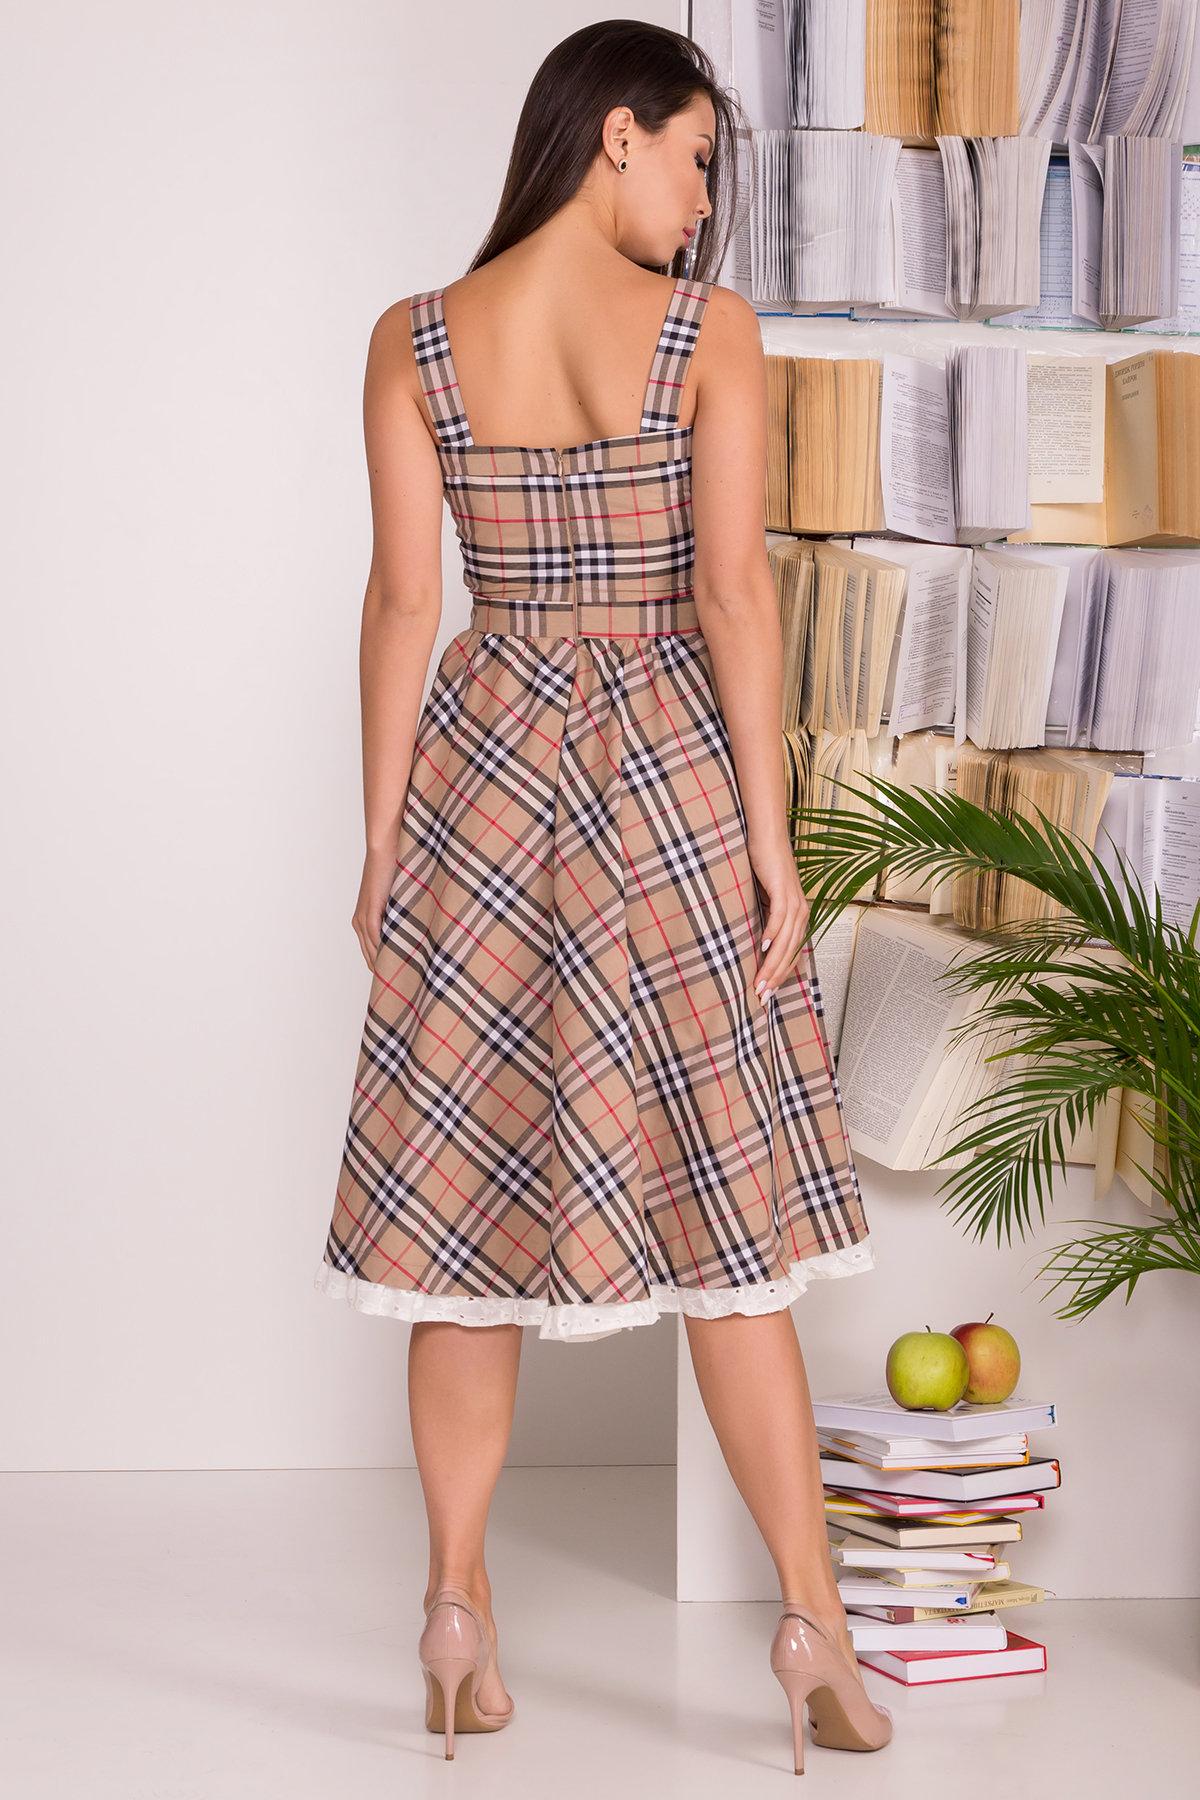 Платье Ивиса 7640 АРТ. 43569 Цвет: Беж/клетка черн - фото 2, интернет магазин tm-modus.ru